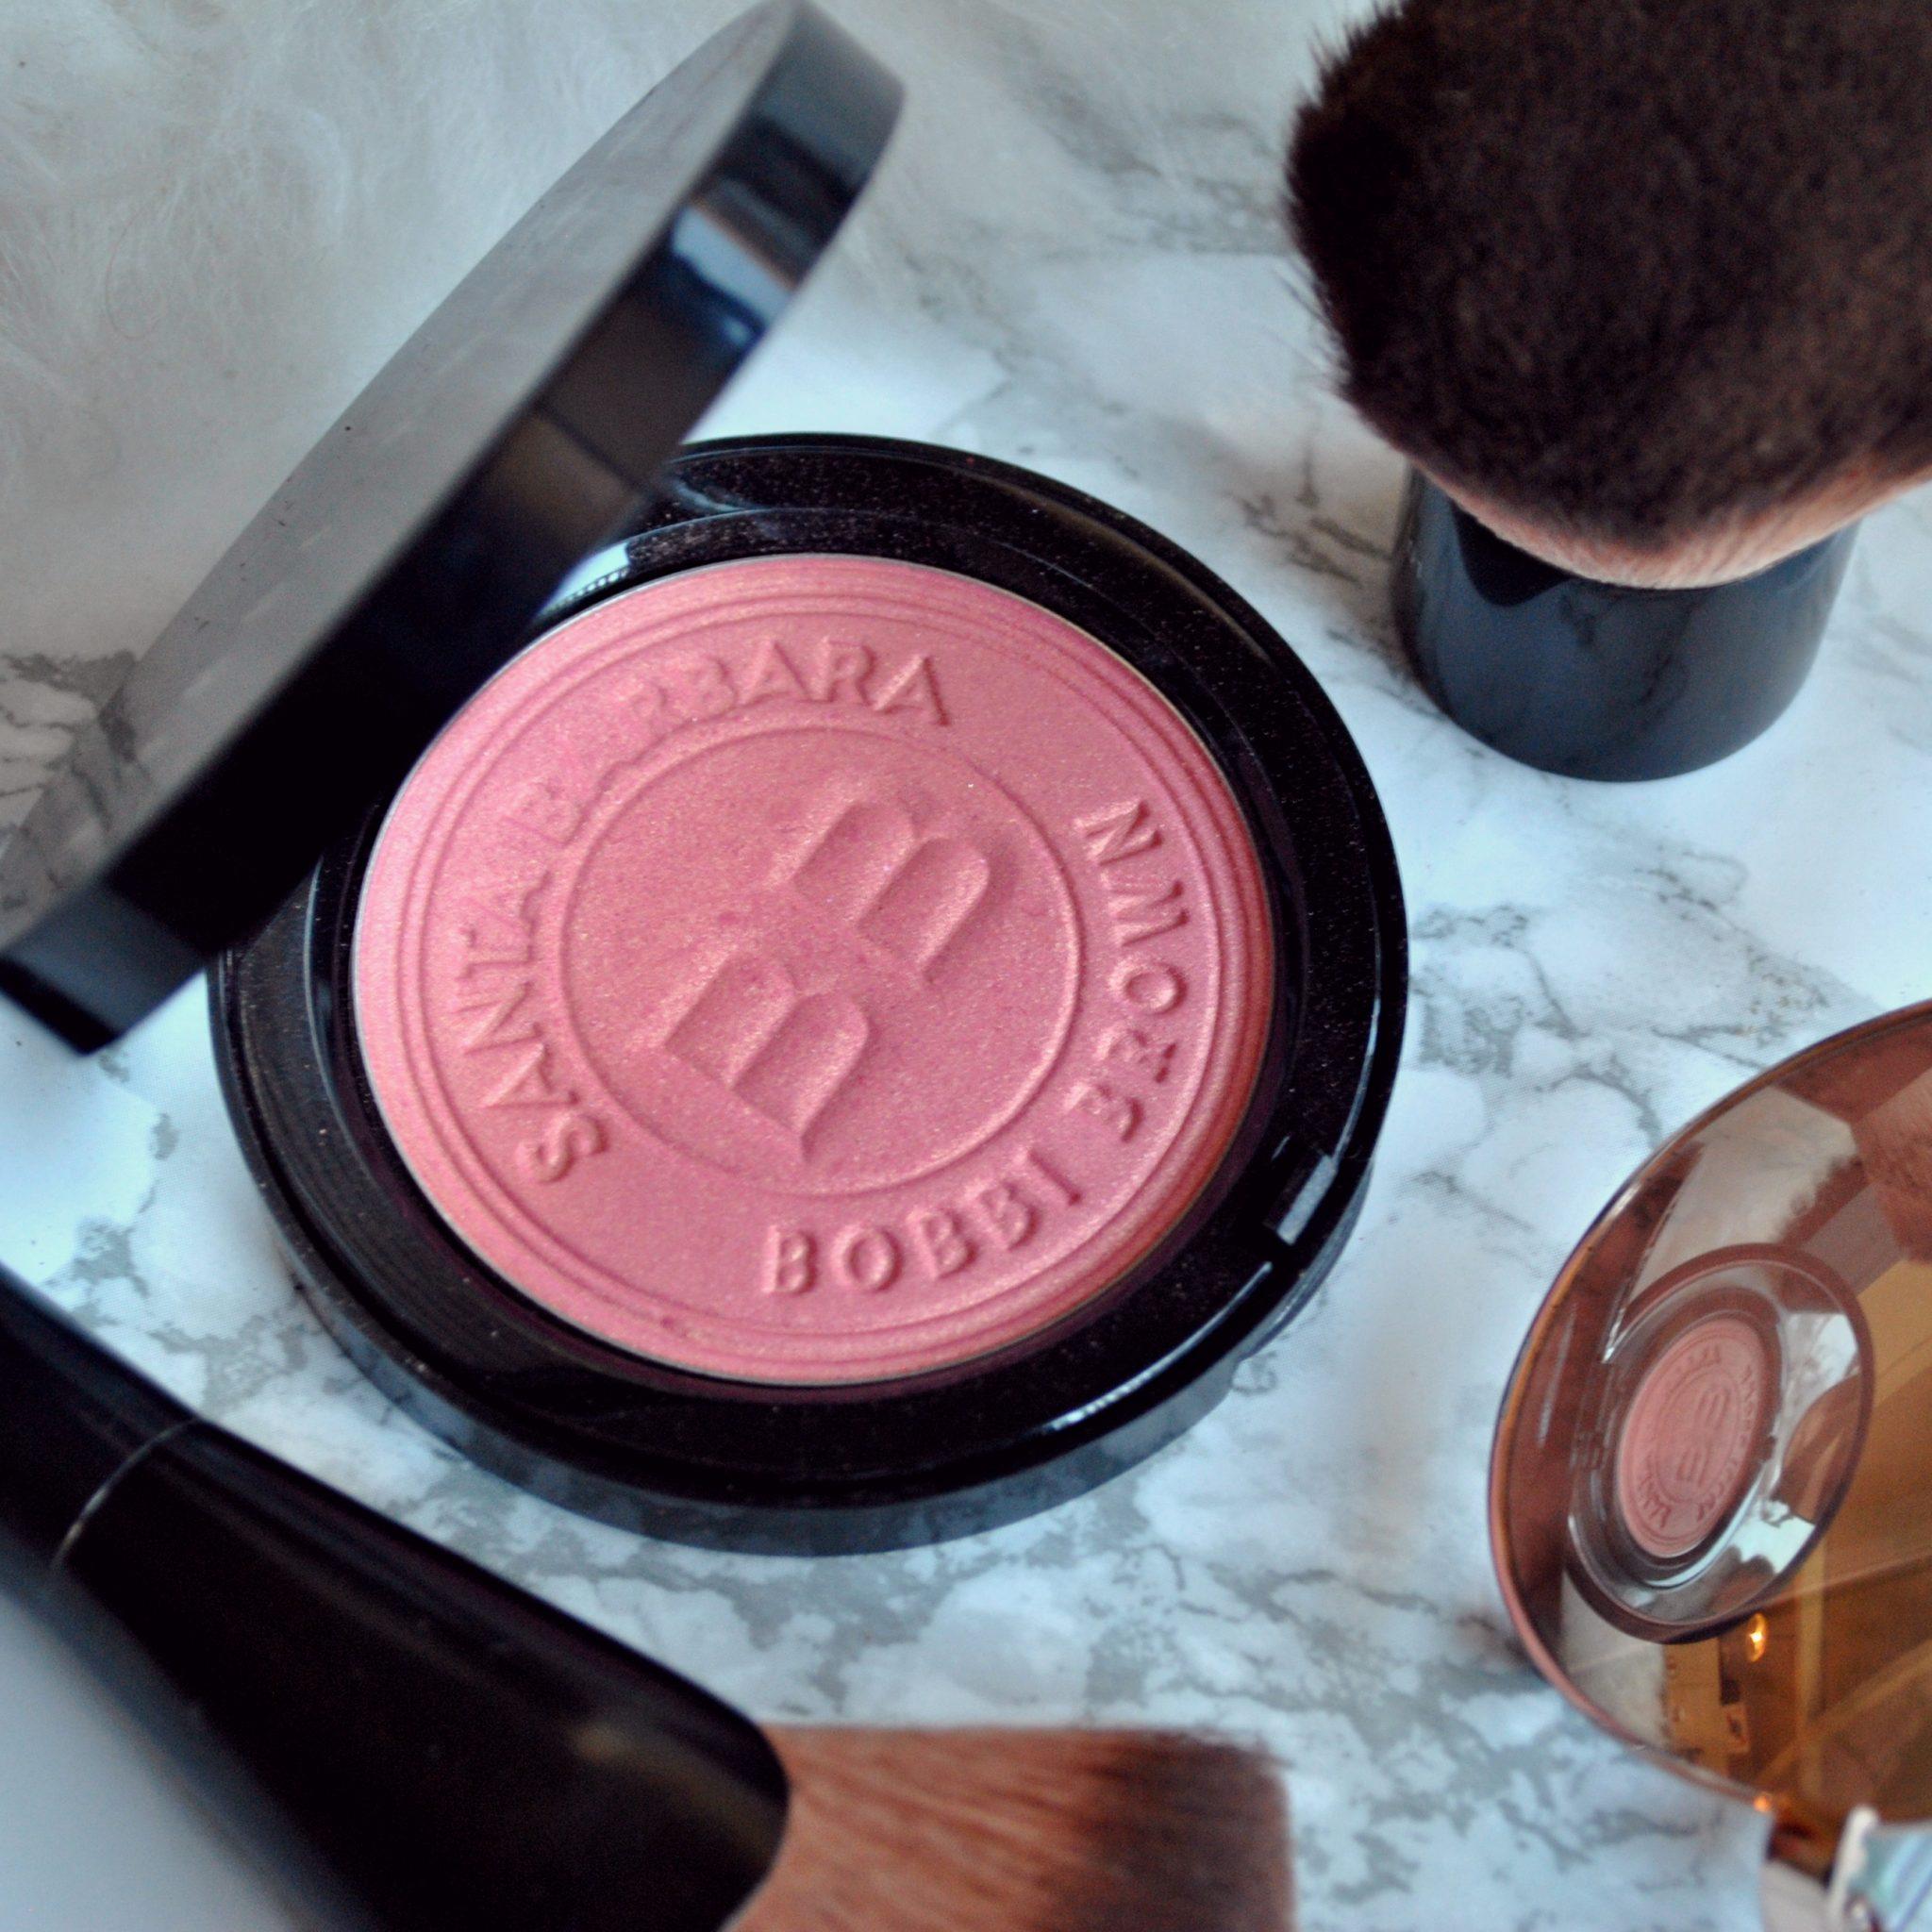 The-Hungarian-Brunette-Beauty-Wednesday-Bobbi-Brown-Blush.jpg